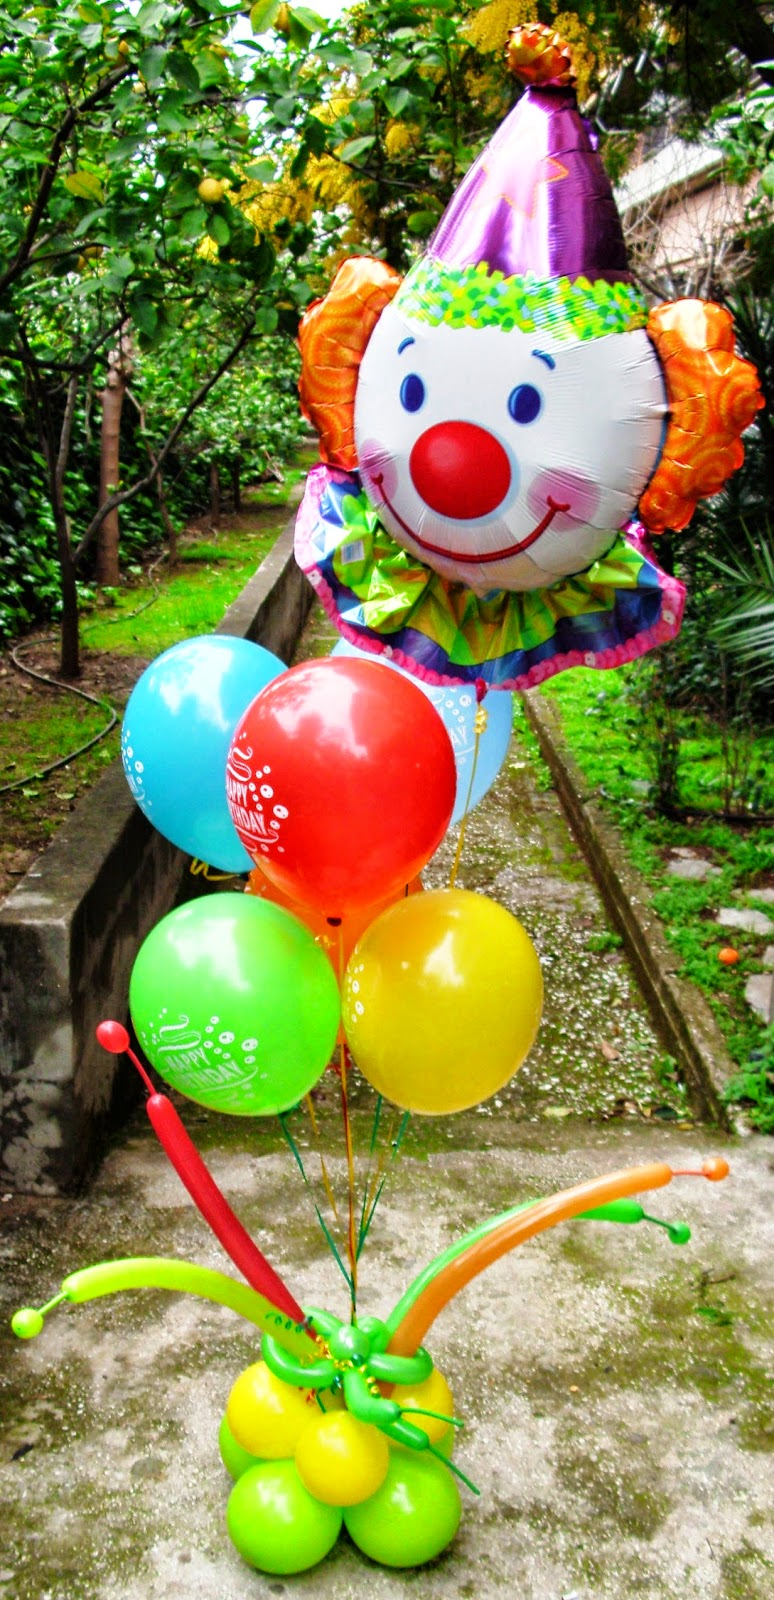 ΜΠΑΛΟΝΙΑ HAPPY BIRTHDAY